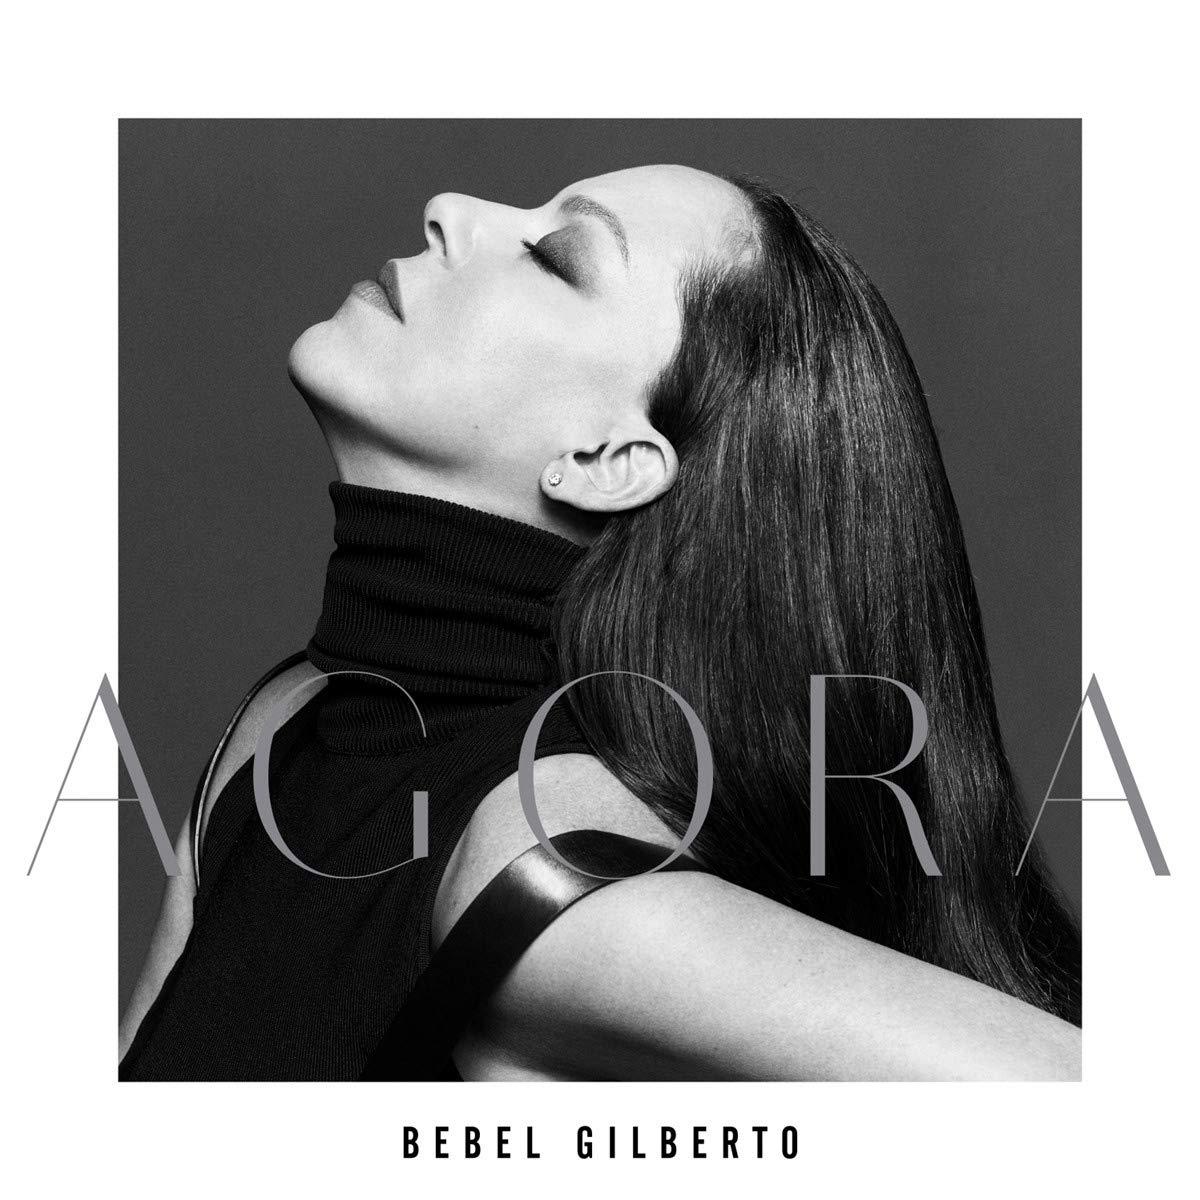 GILBERTO, BEBEL - Agora - Amazon.com Music